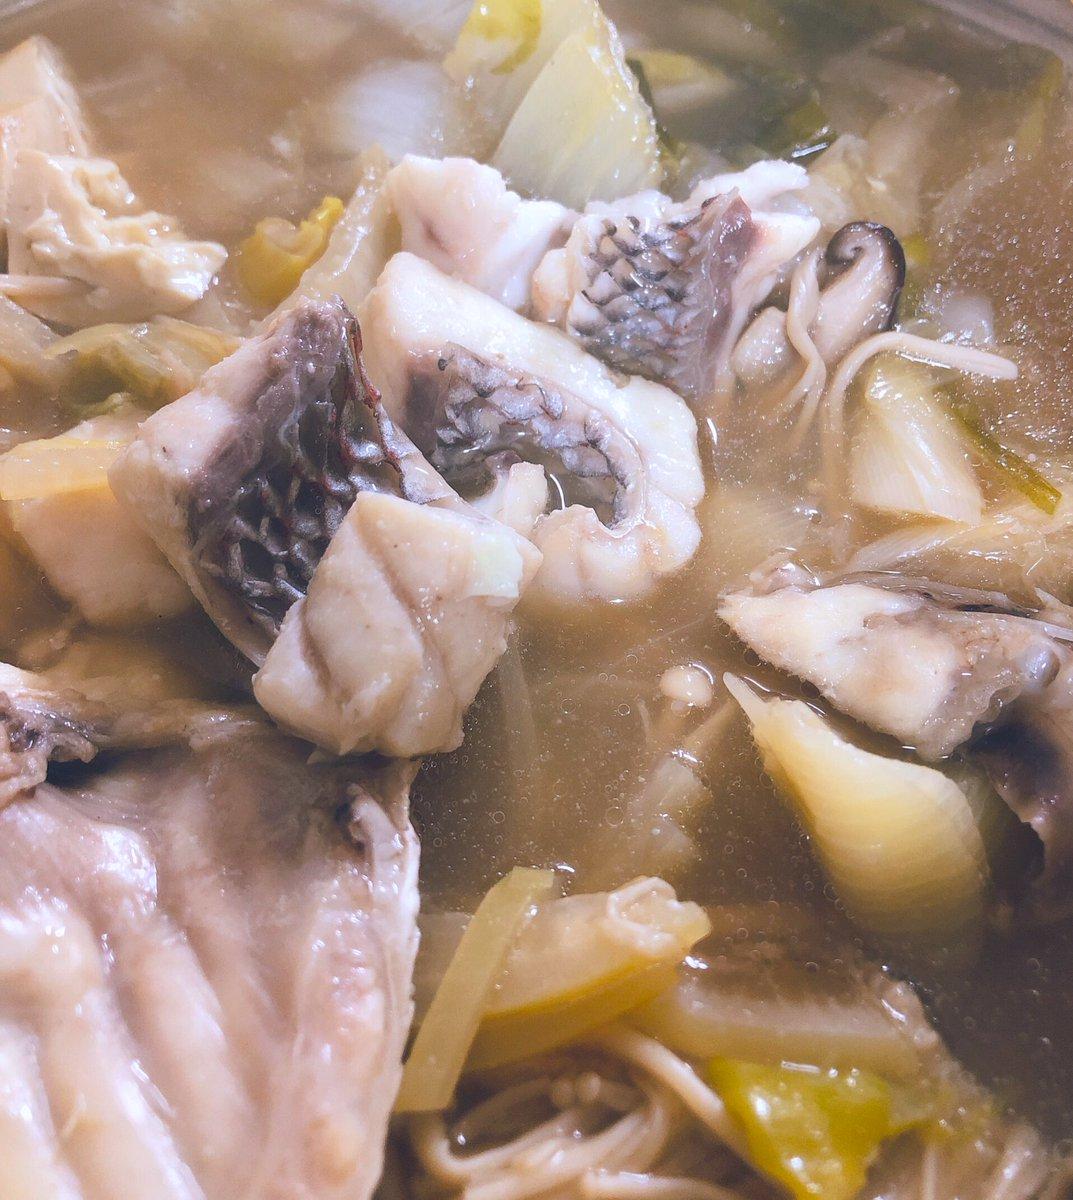 2kg以上ある鯛(60cm)を1500円で買ったのだけど、鯛鍋も、熱燗の骨酒も、刺身も、漬け丼も、兜の煮付けも作れたのでめちゃお得だった。